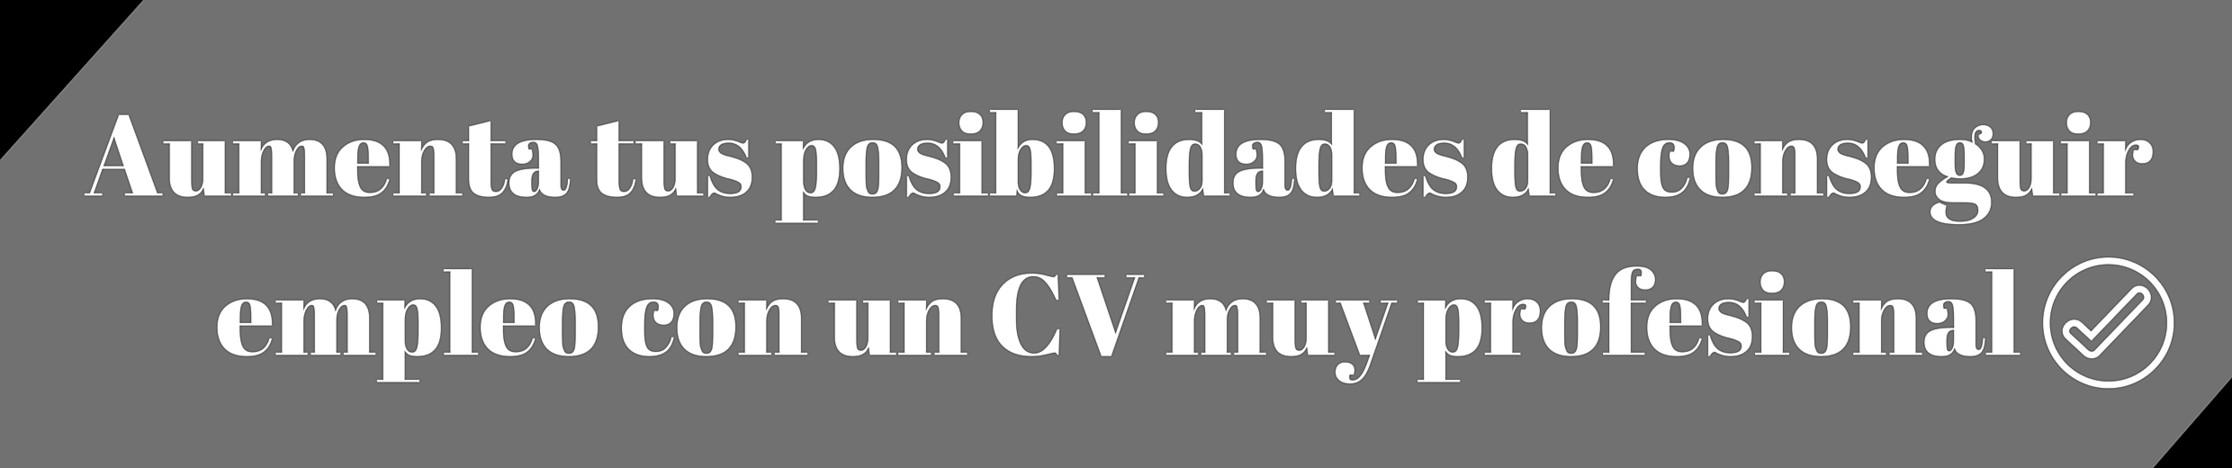 Cómo hacer un CV de alto impacto? | Jorge Sánchez Morzán | Pulse ...